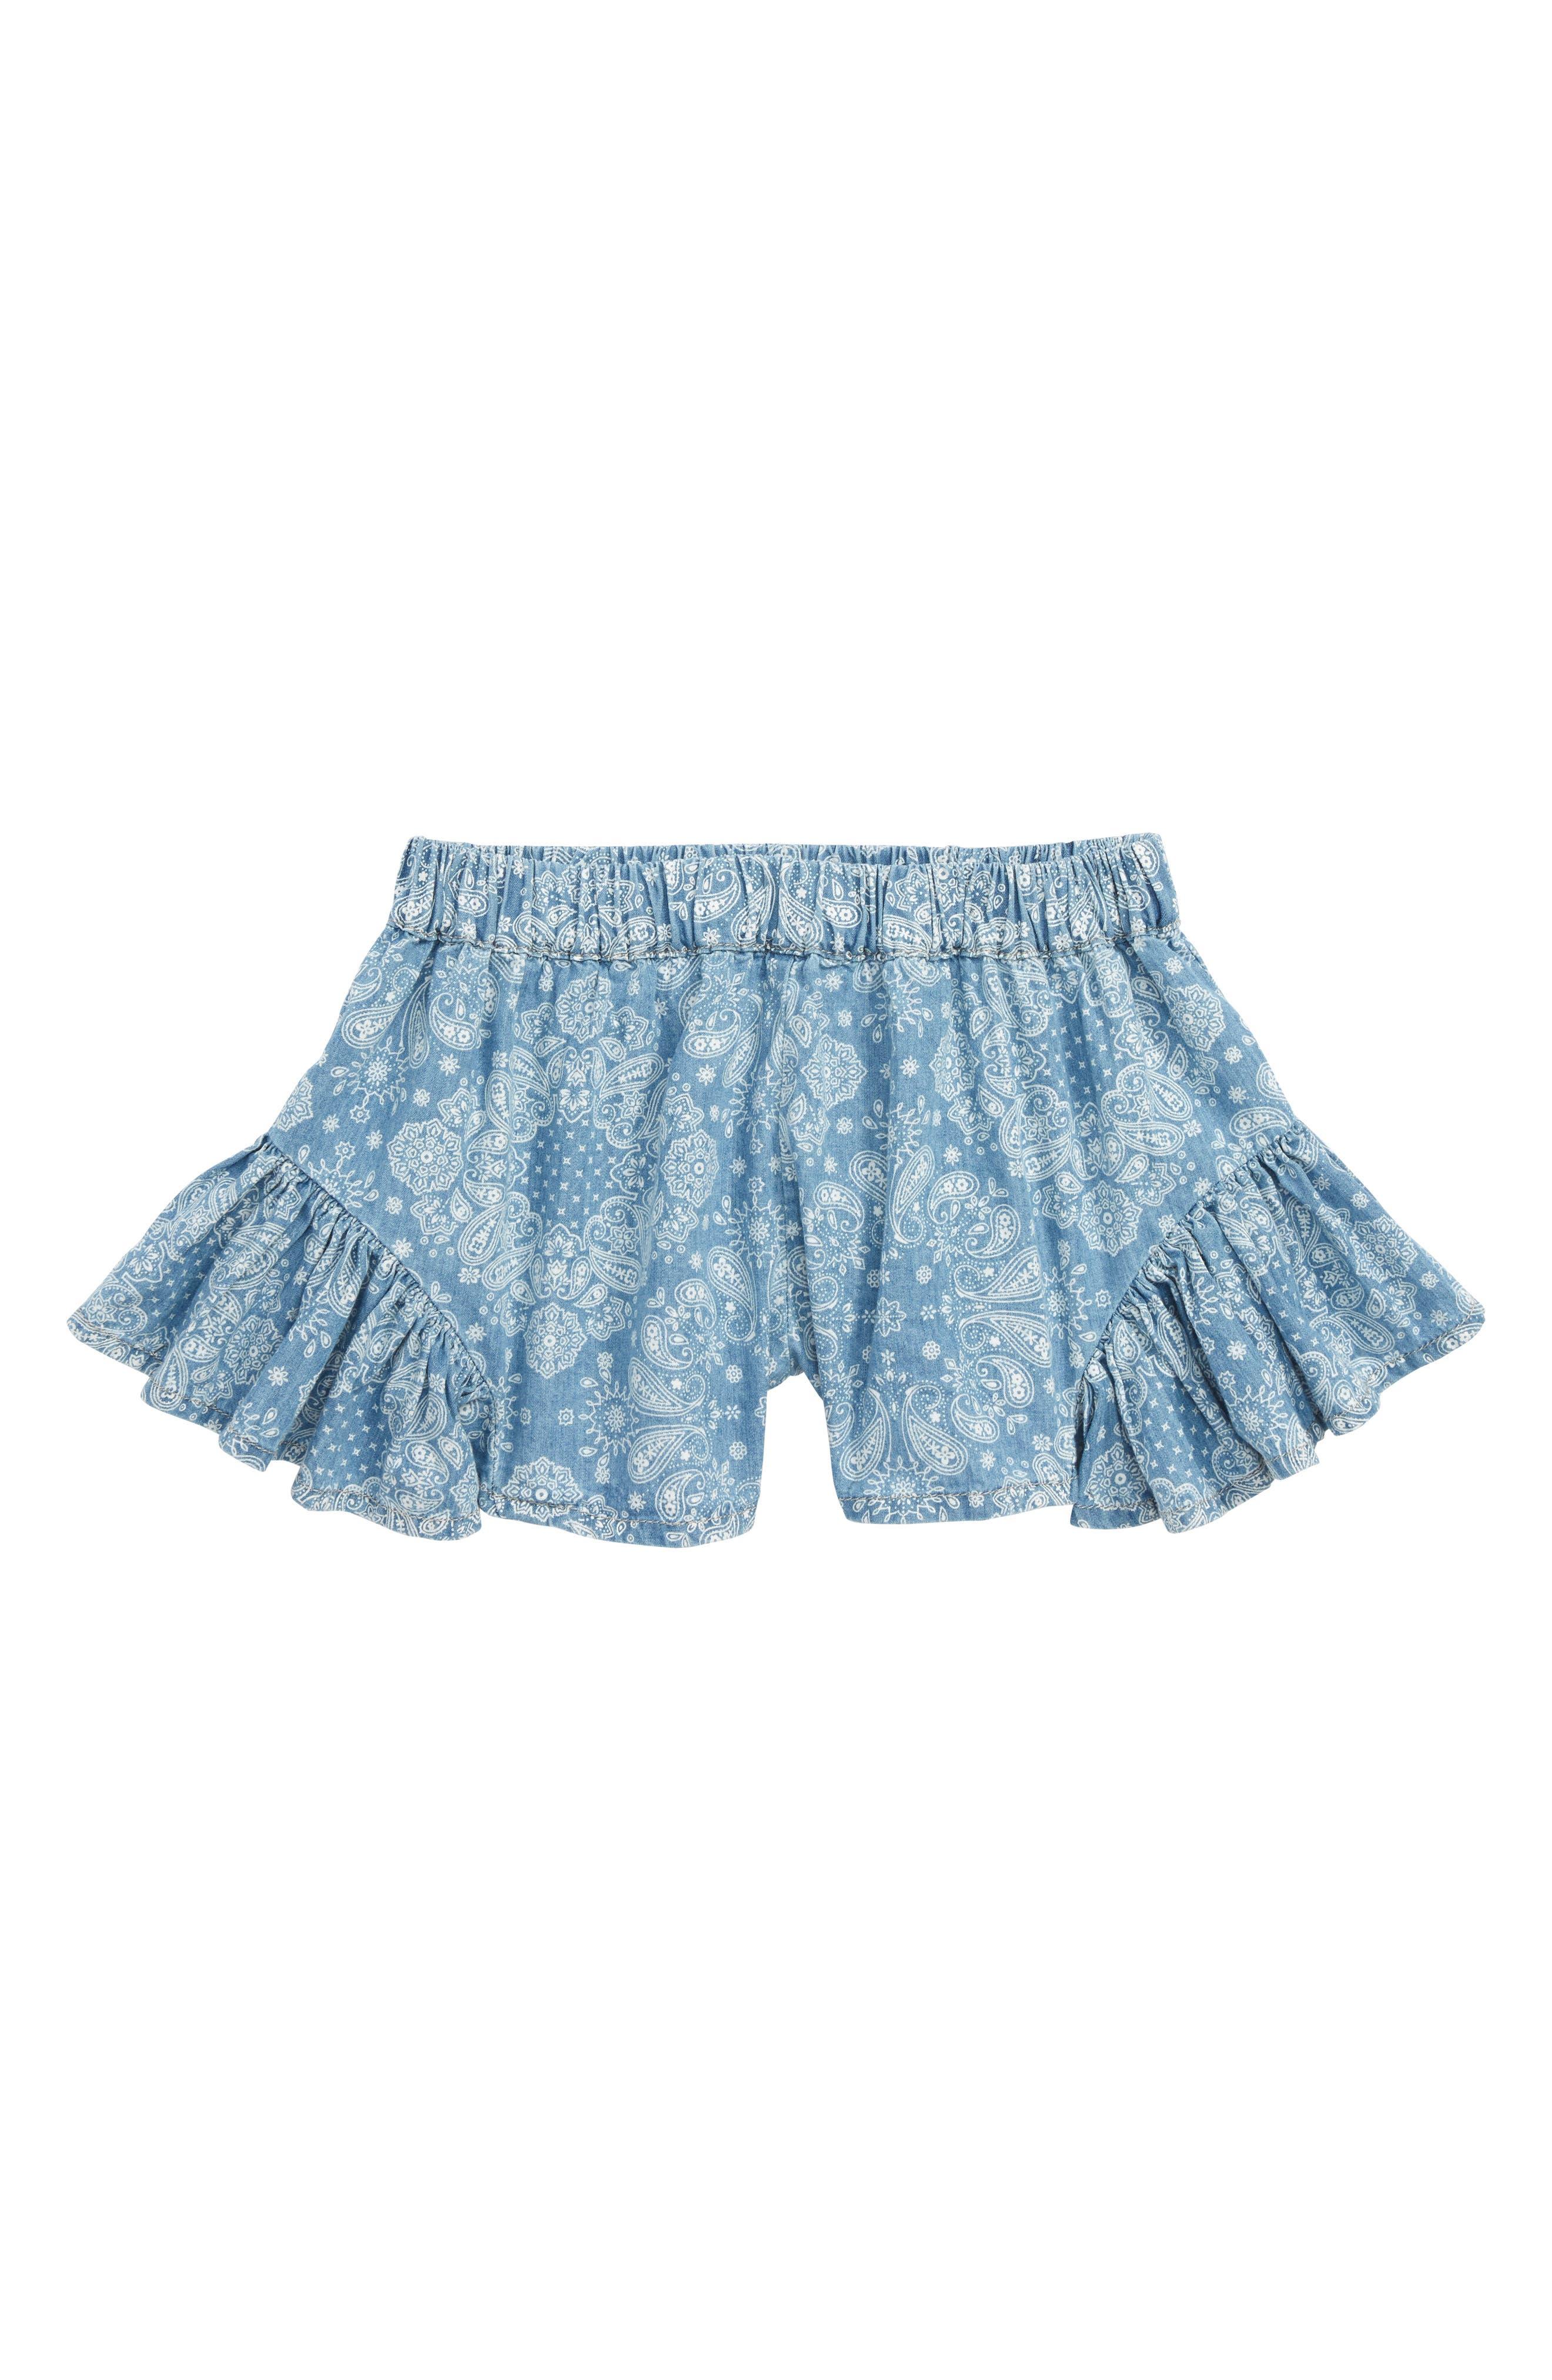 Bandana Print Ruffle Shorts,                         Main,                         color, Chambray